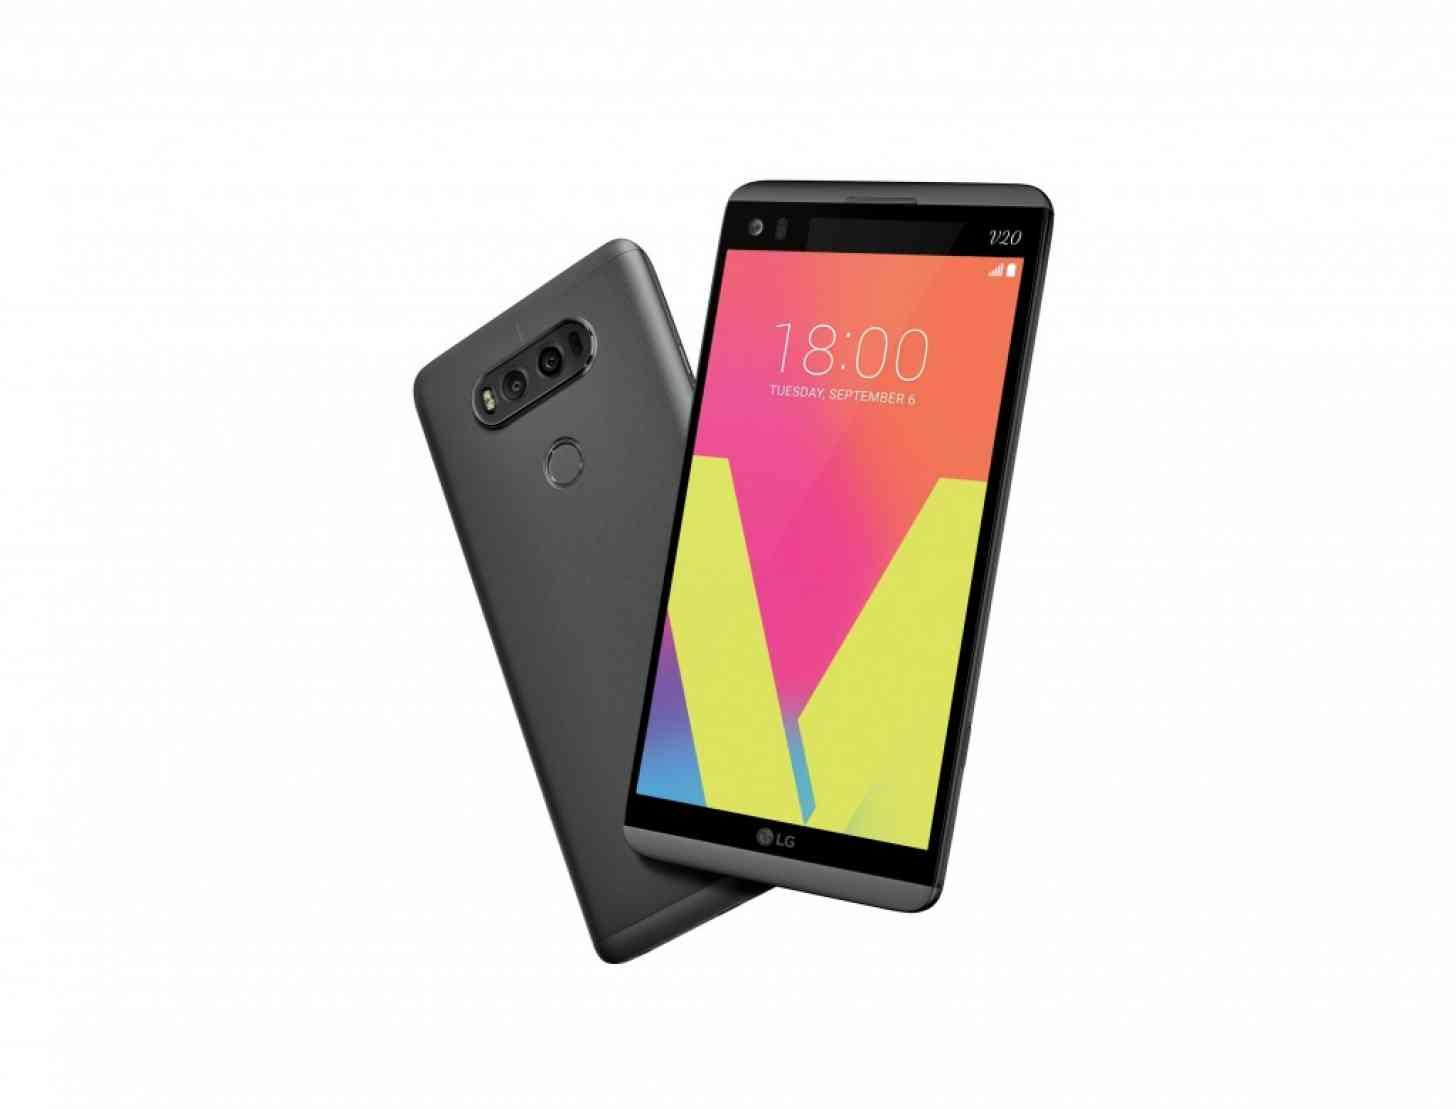 Nokia 9 vs LG G6